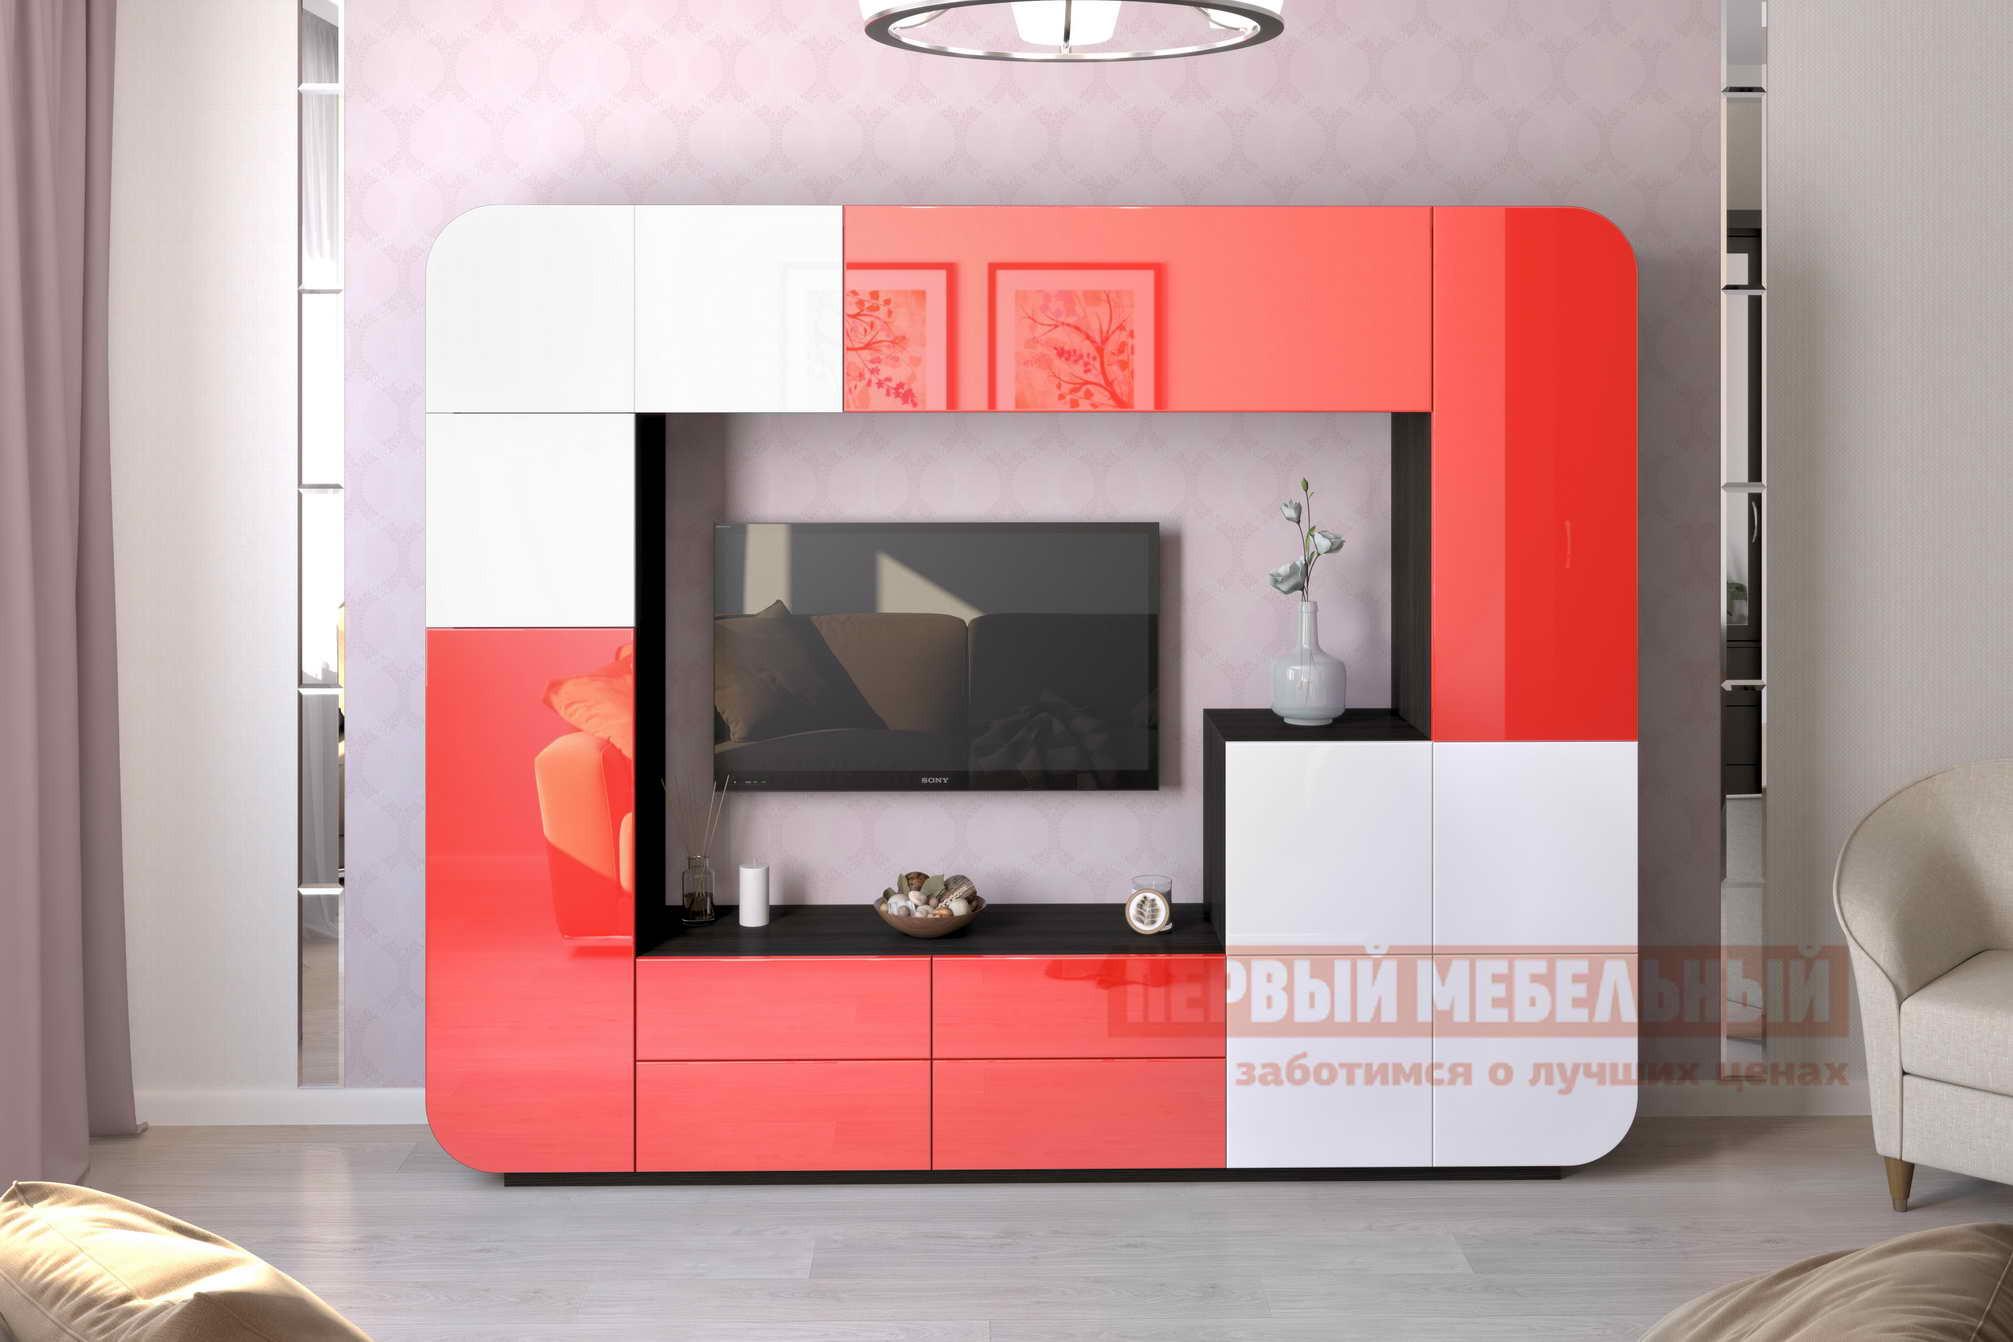 Гостиная Мебелеф Стенка для гостиной «Мебелеф-5» Венге, Красный глянец 2951 / Белоснежный глянец 8888